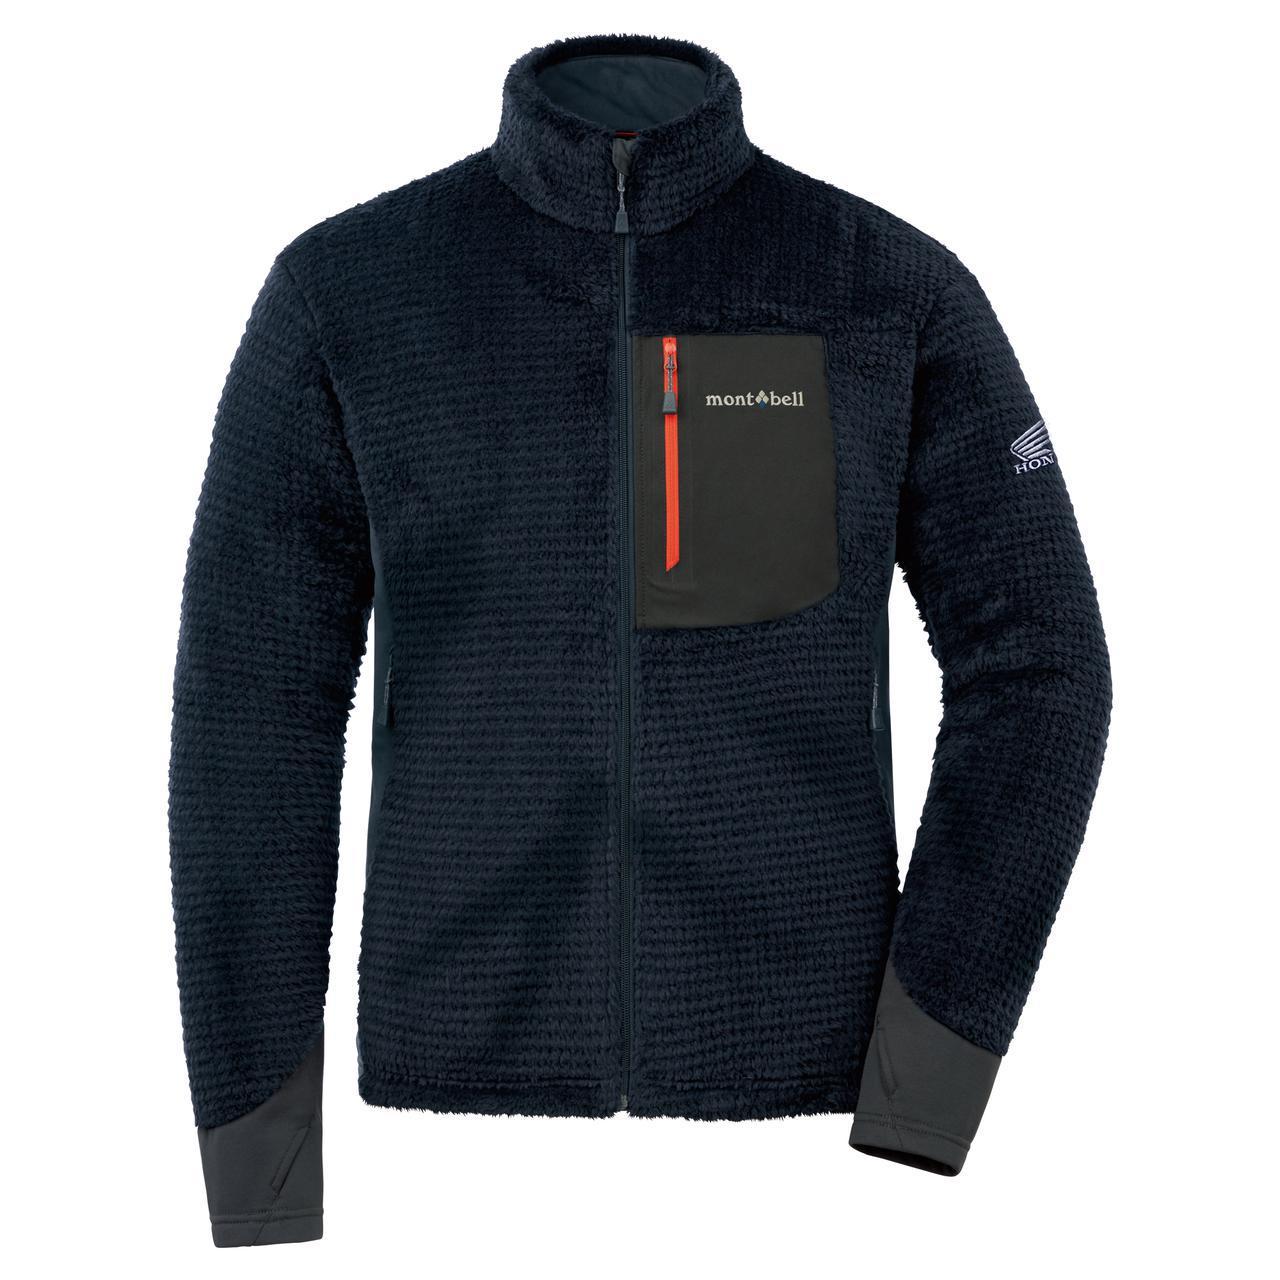 祝! 日本を代表するバイクメーカーとアウトドアブランドのコラボが実現!〈ホンダ×モンベル〉のジャケットが発売